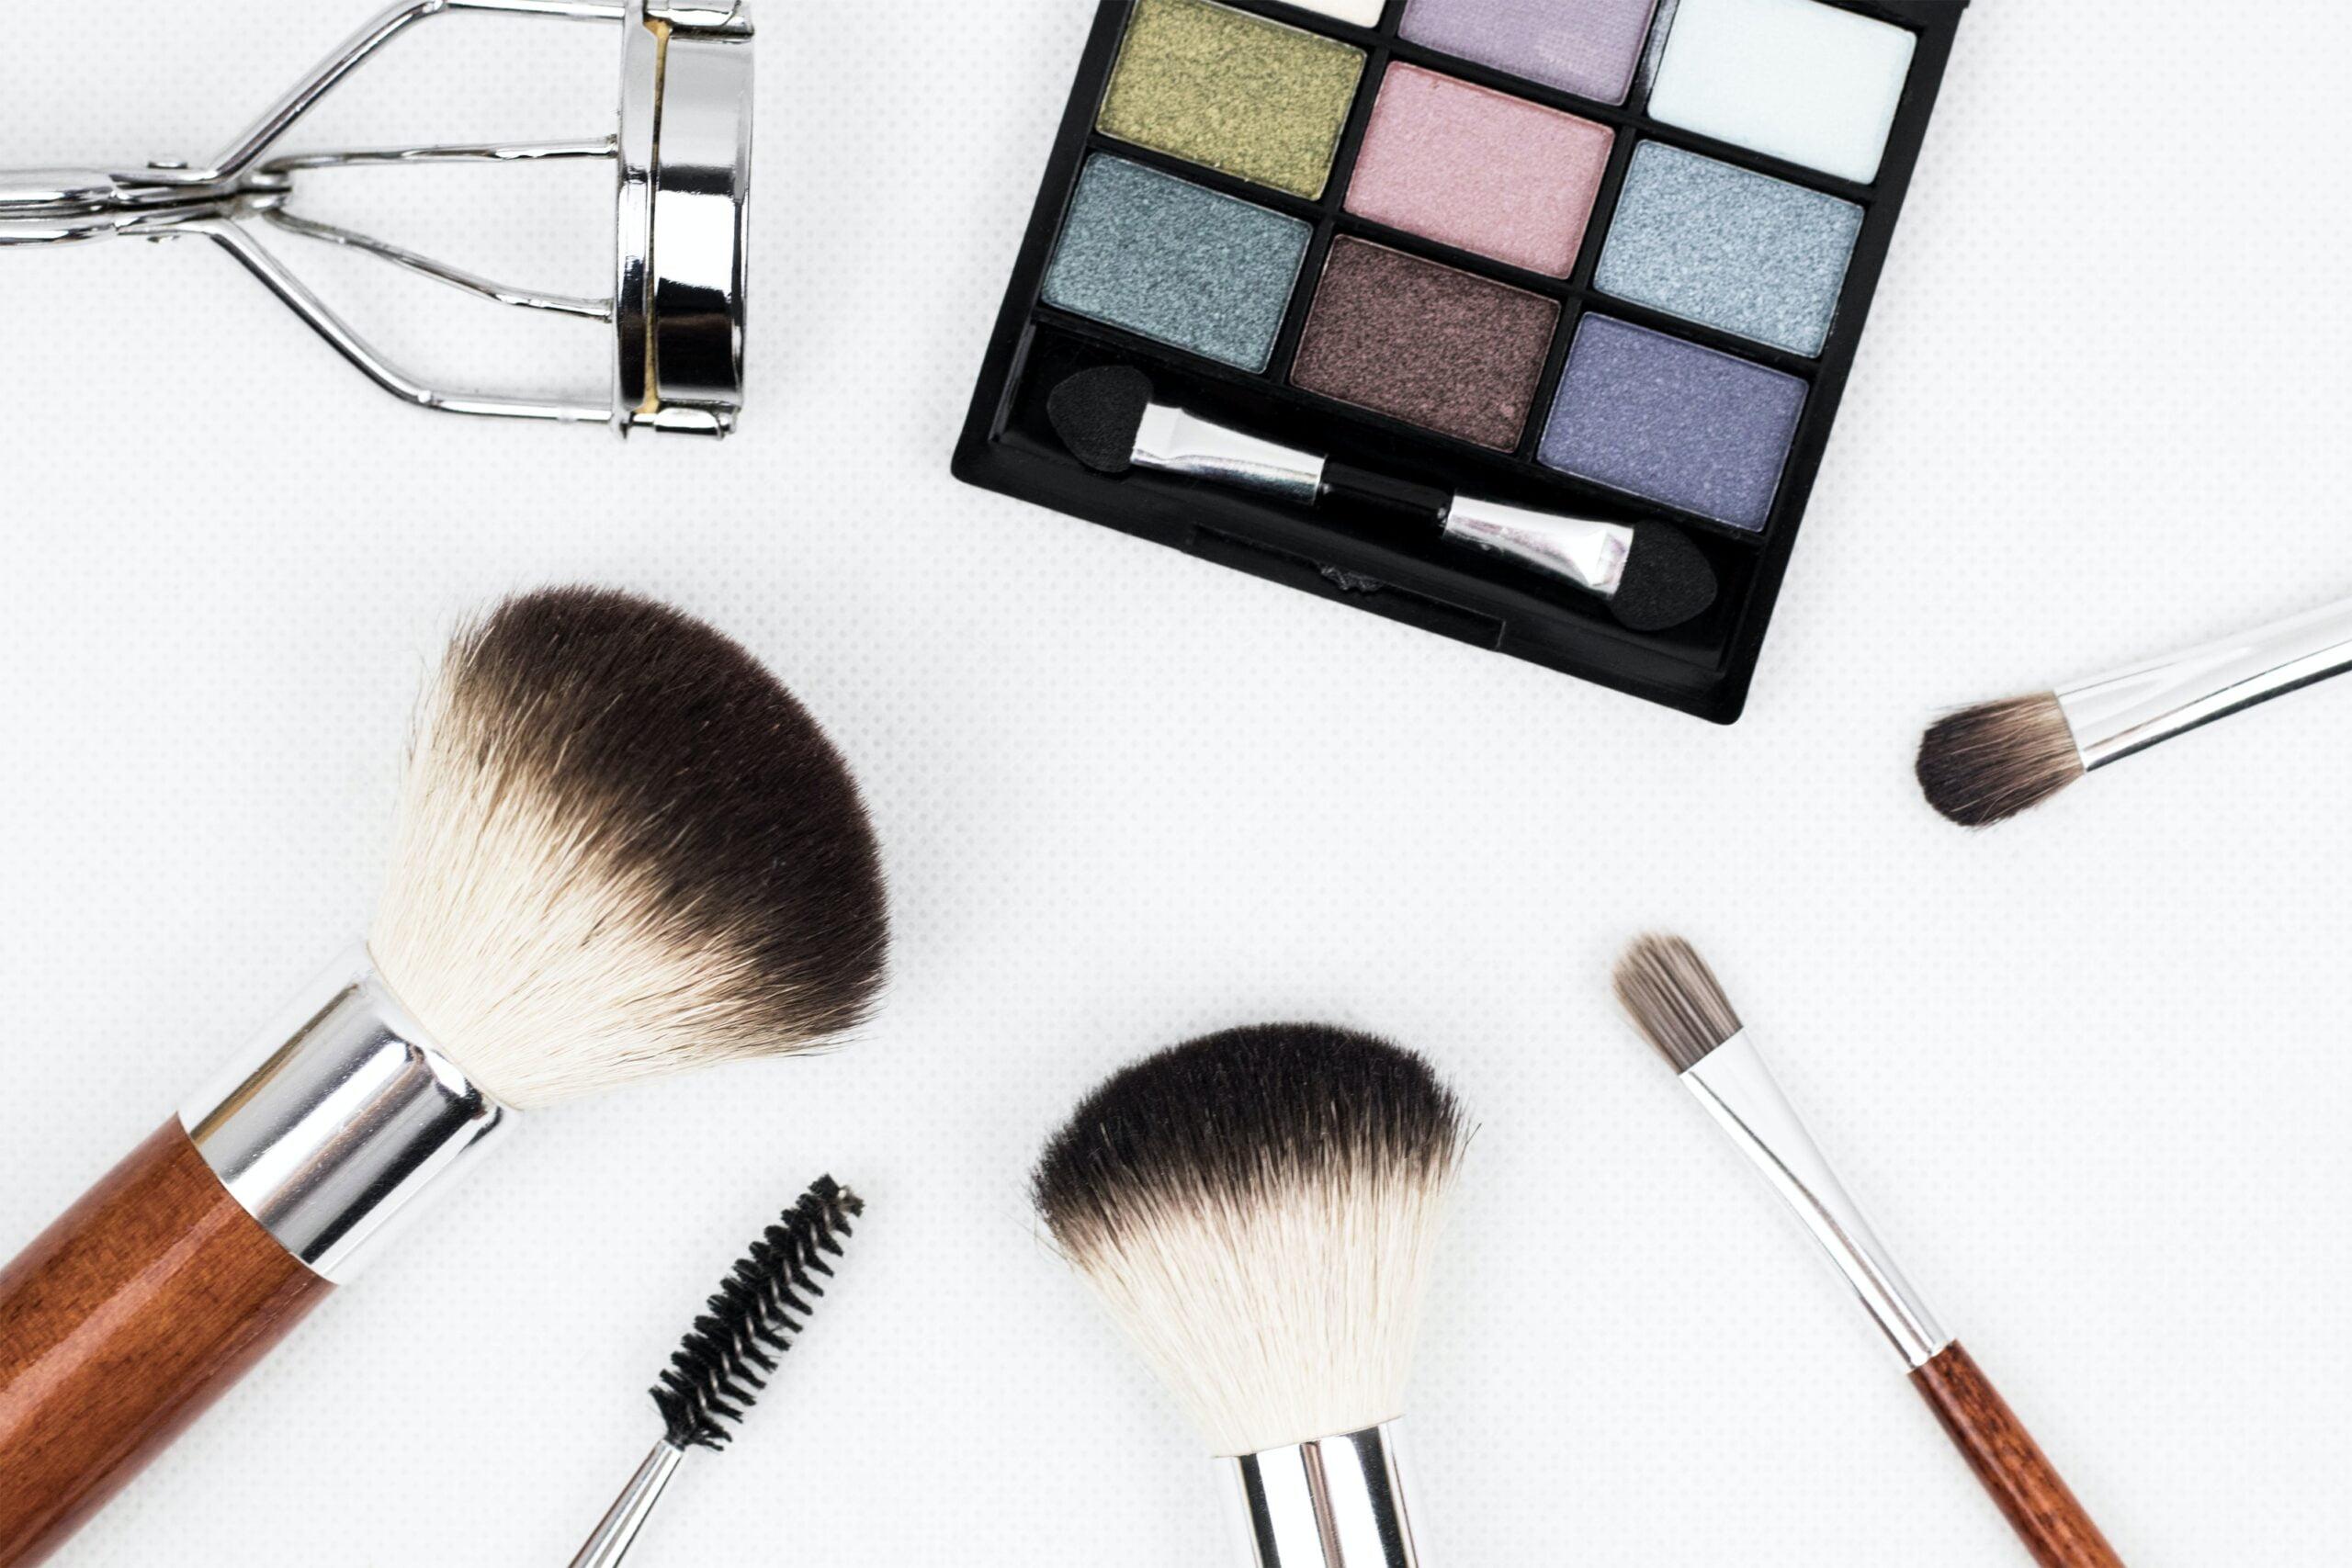 best vegan makeup brands to buy